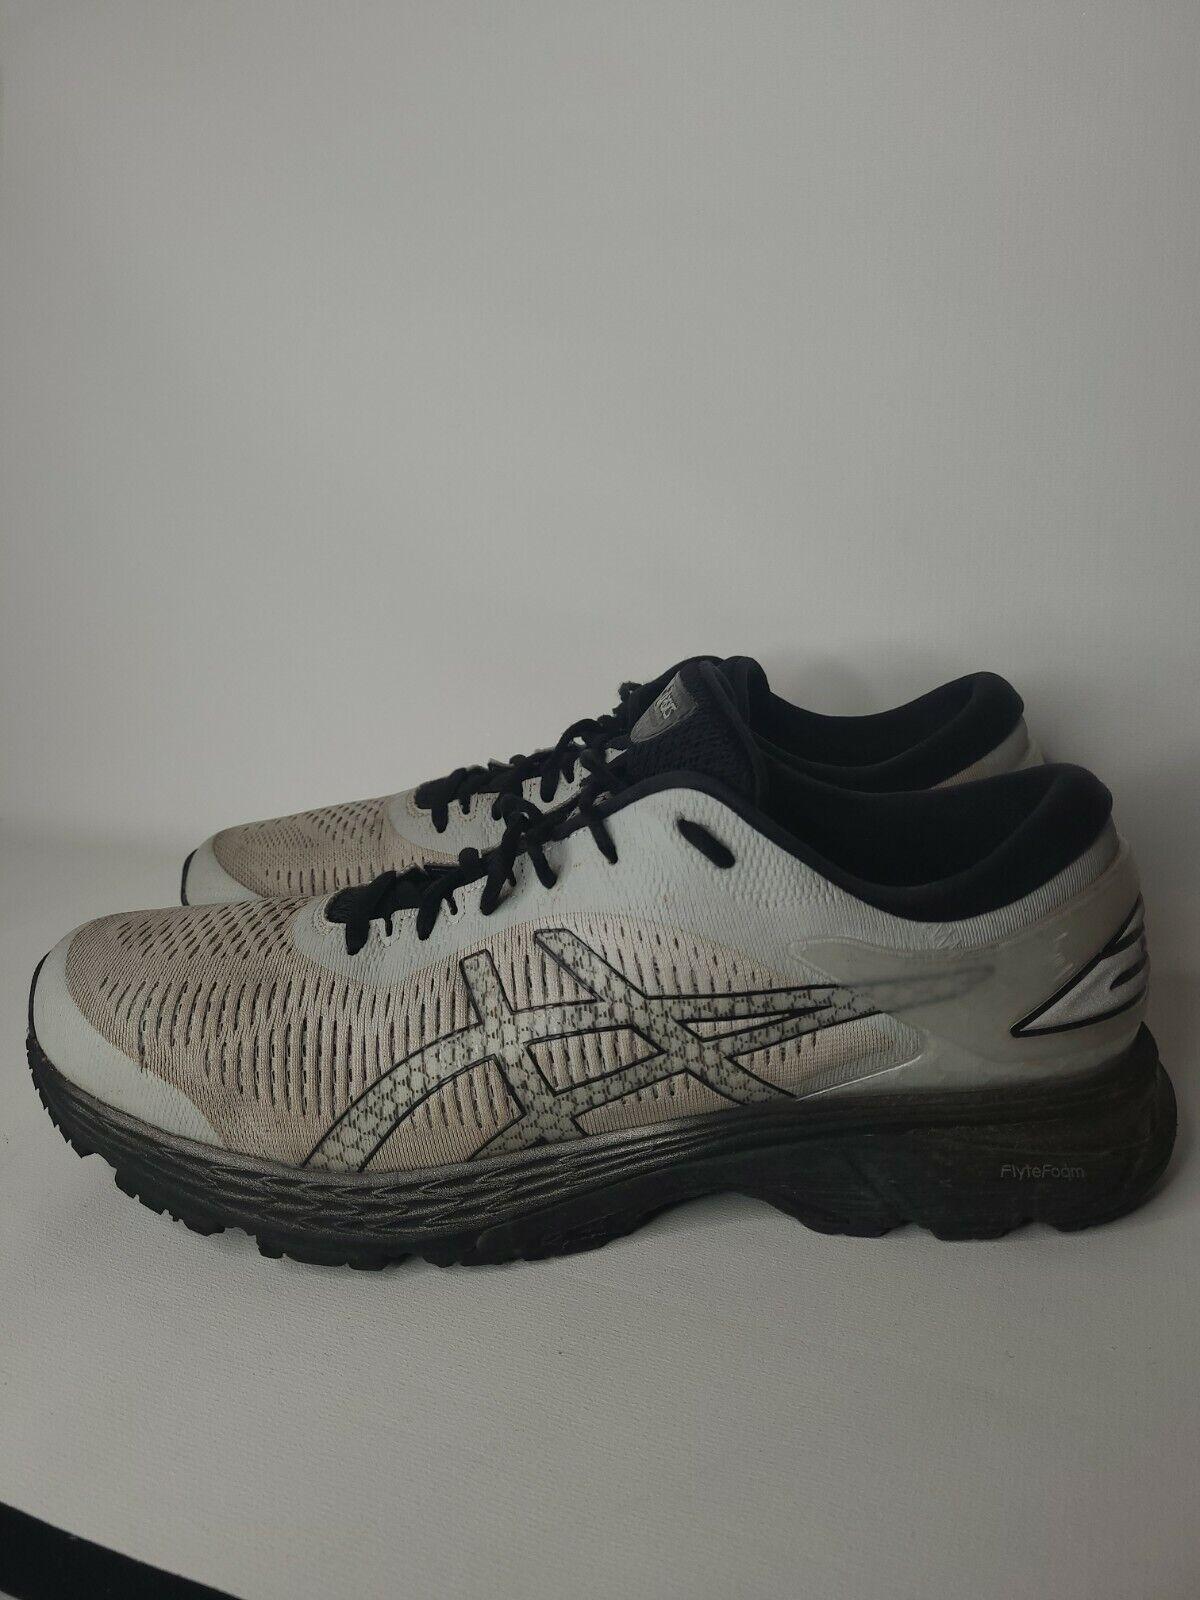 Asics Gel-Kayano 25 Running Shoe Mens Size 14 1011A019 Gray White Black